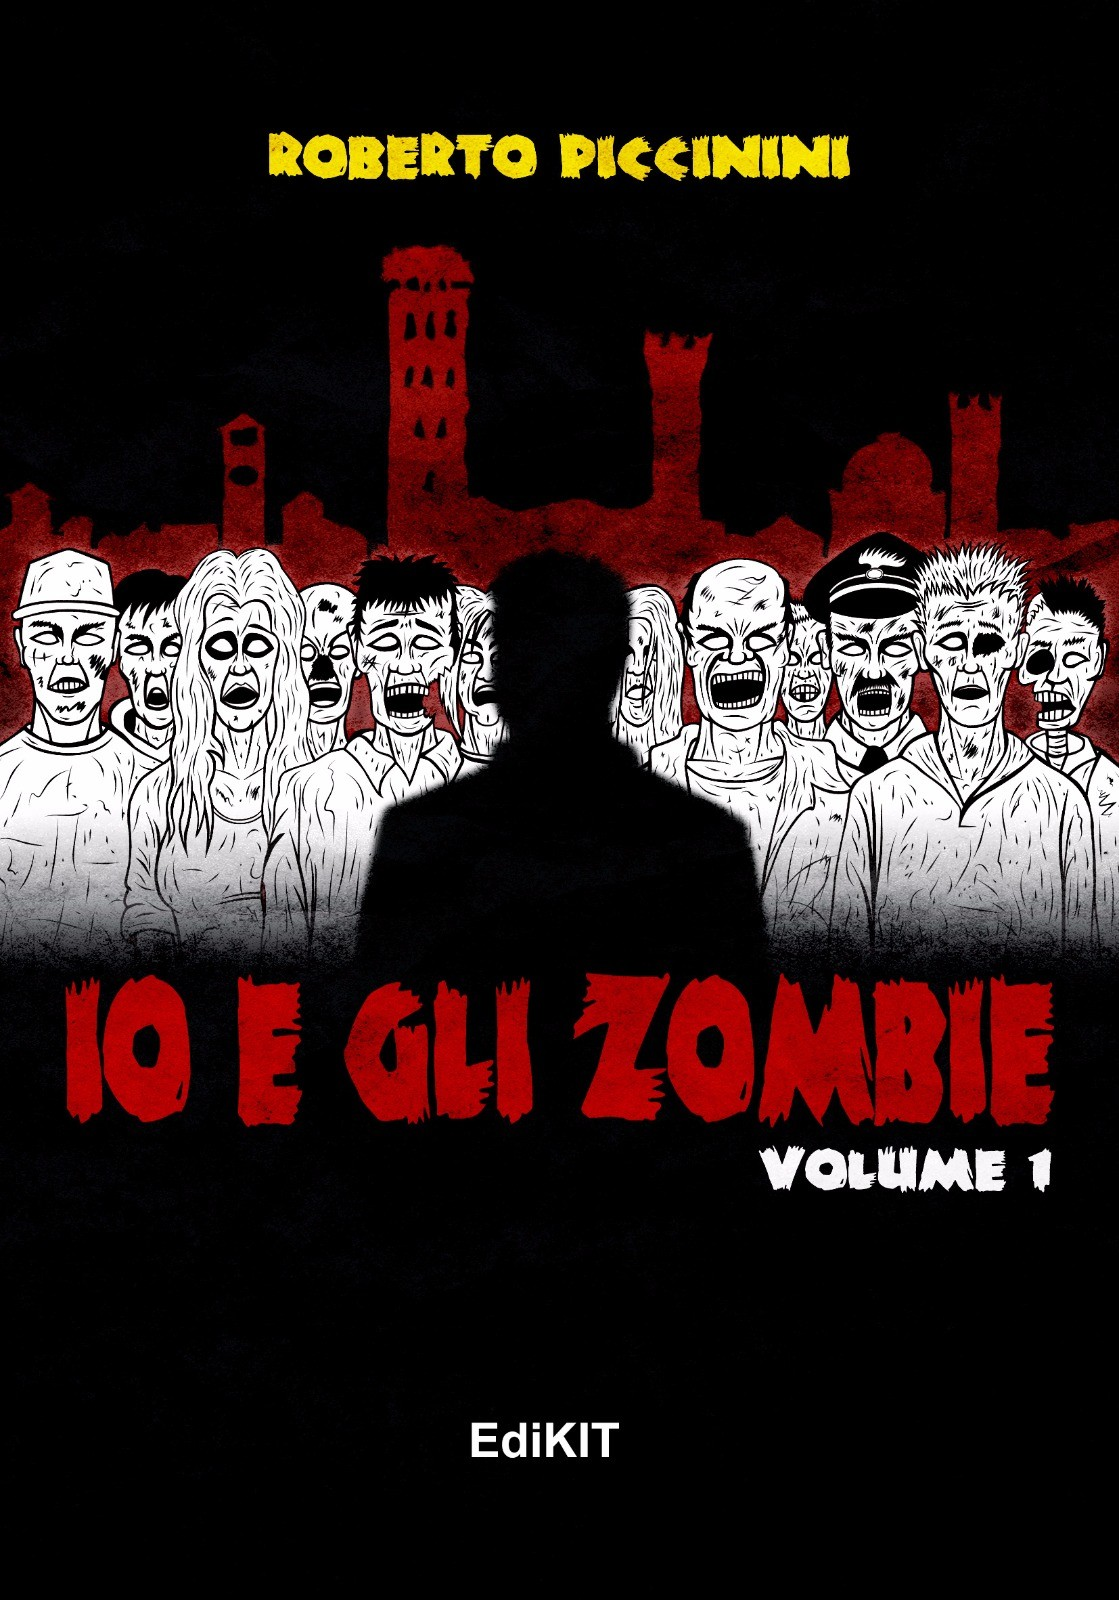 """Recensione: """"Io e gli zombie"""" di Roberto Piccinini"""